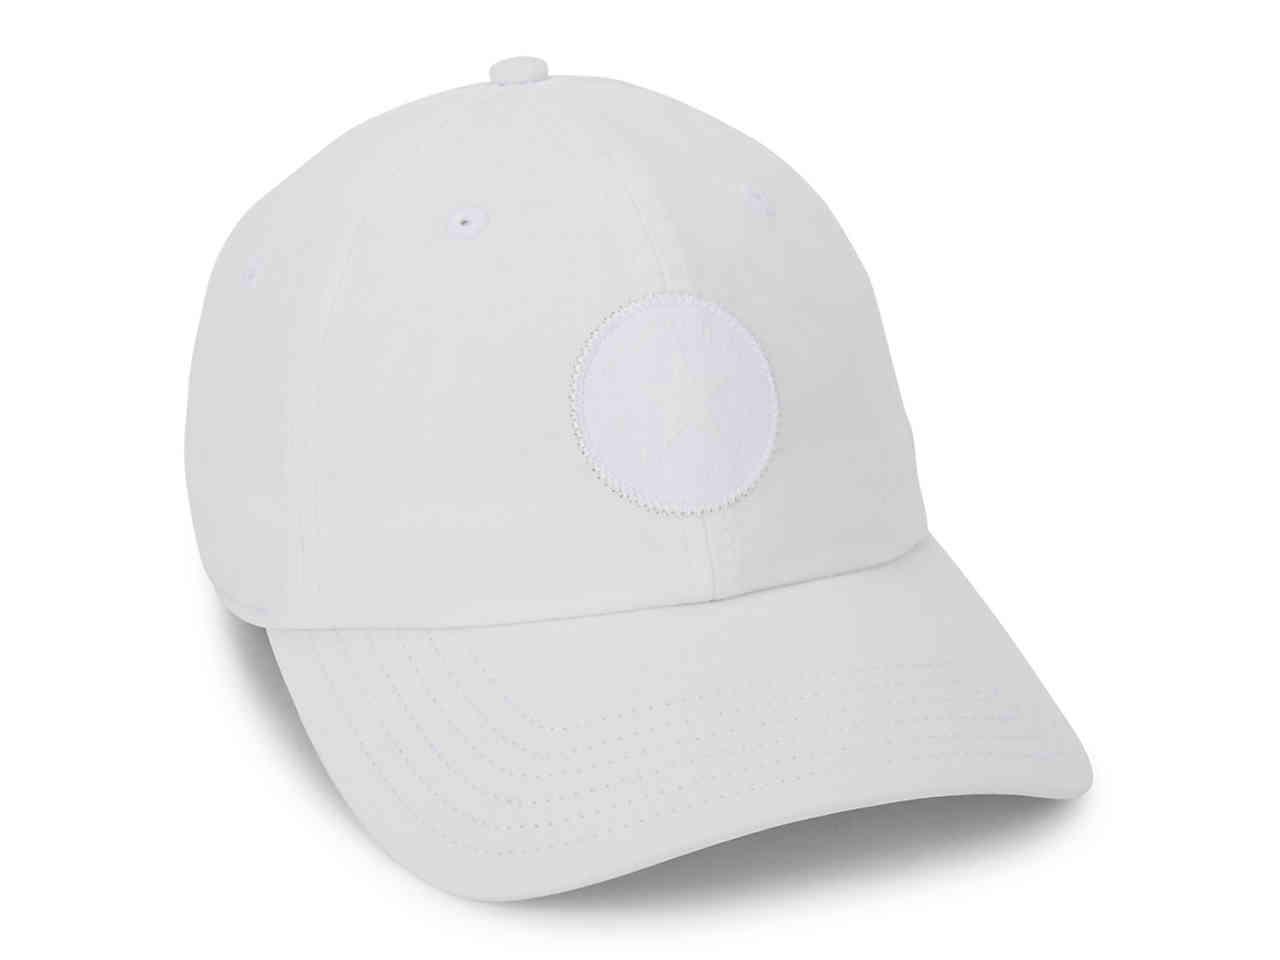 999b701a57e Lyst - Converse Chuck Taylor All Star Monotone Core Baseball Cap in ...